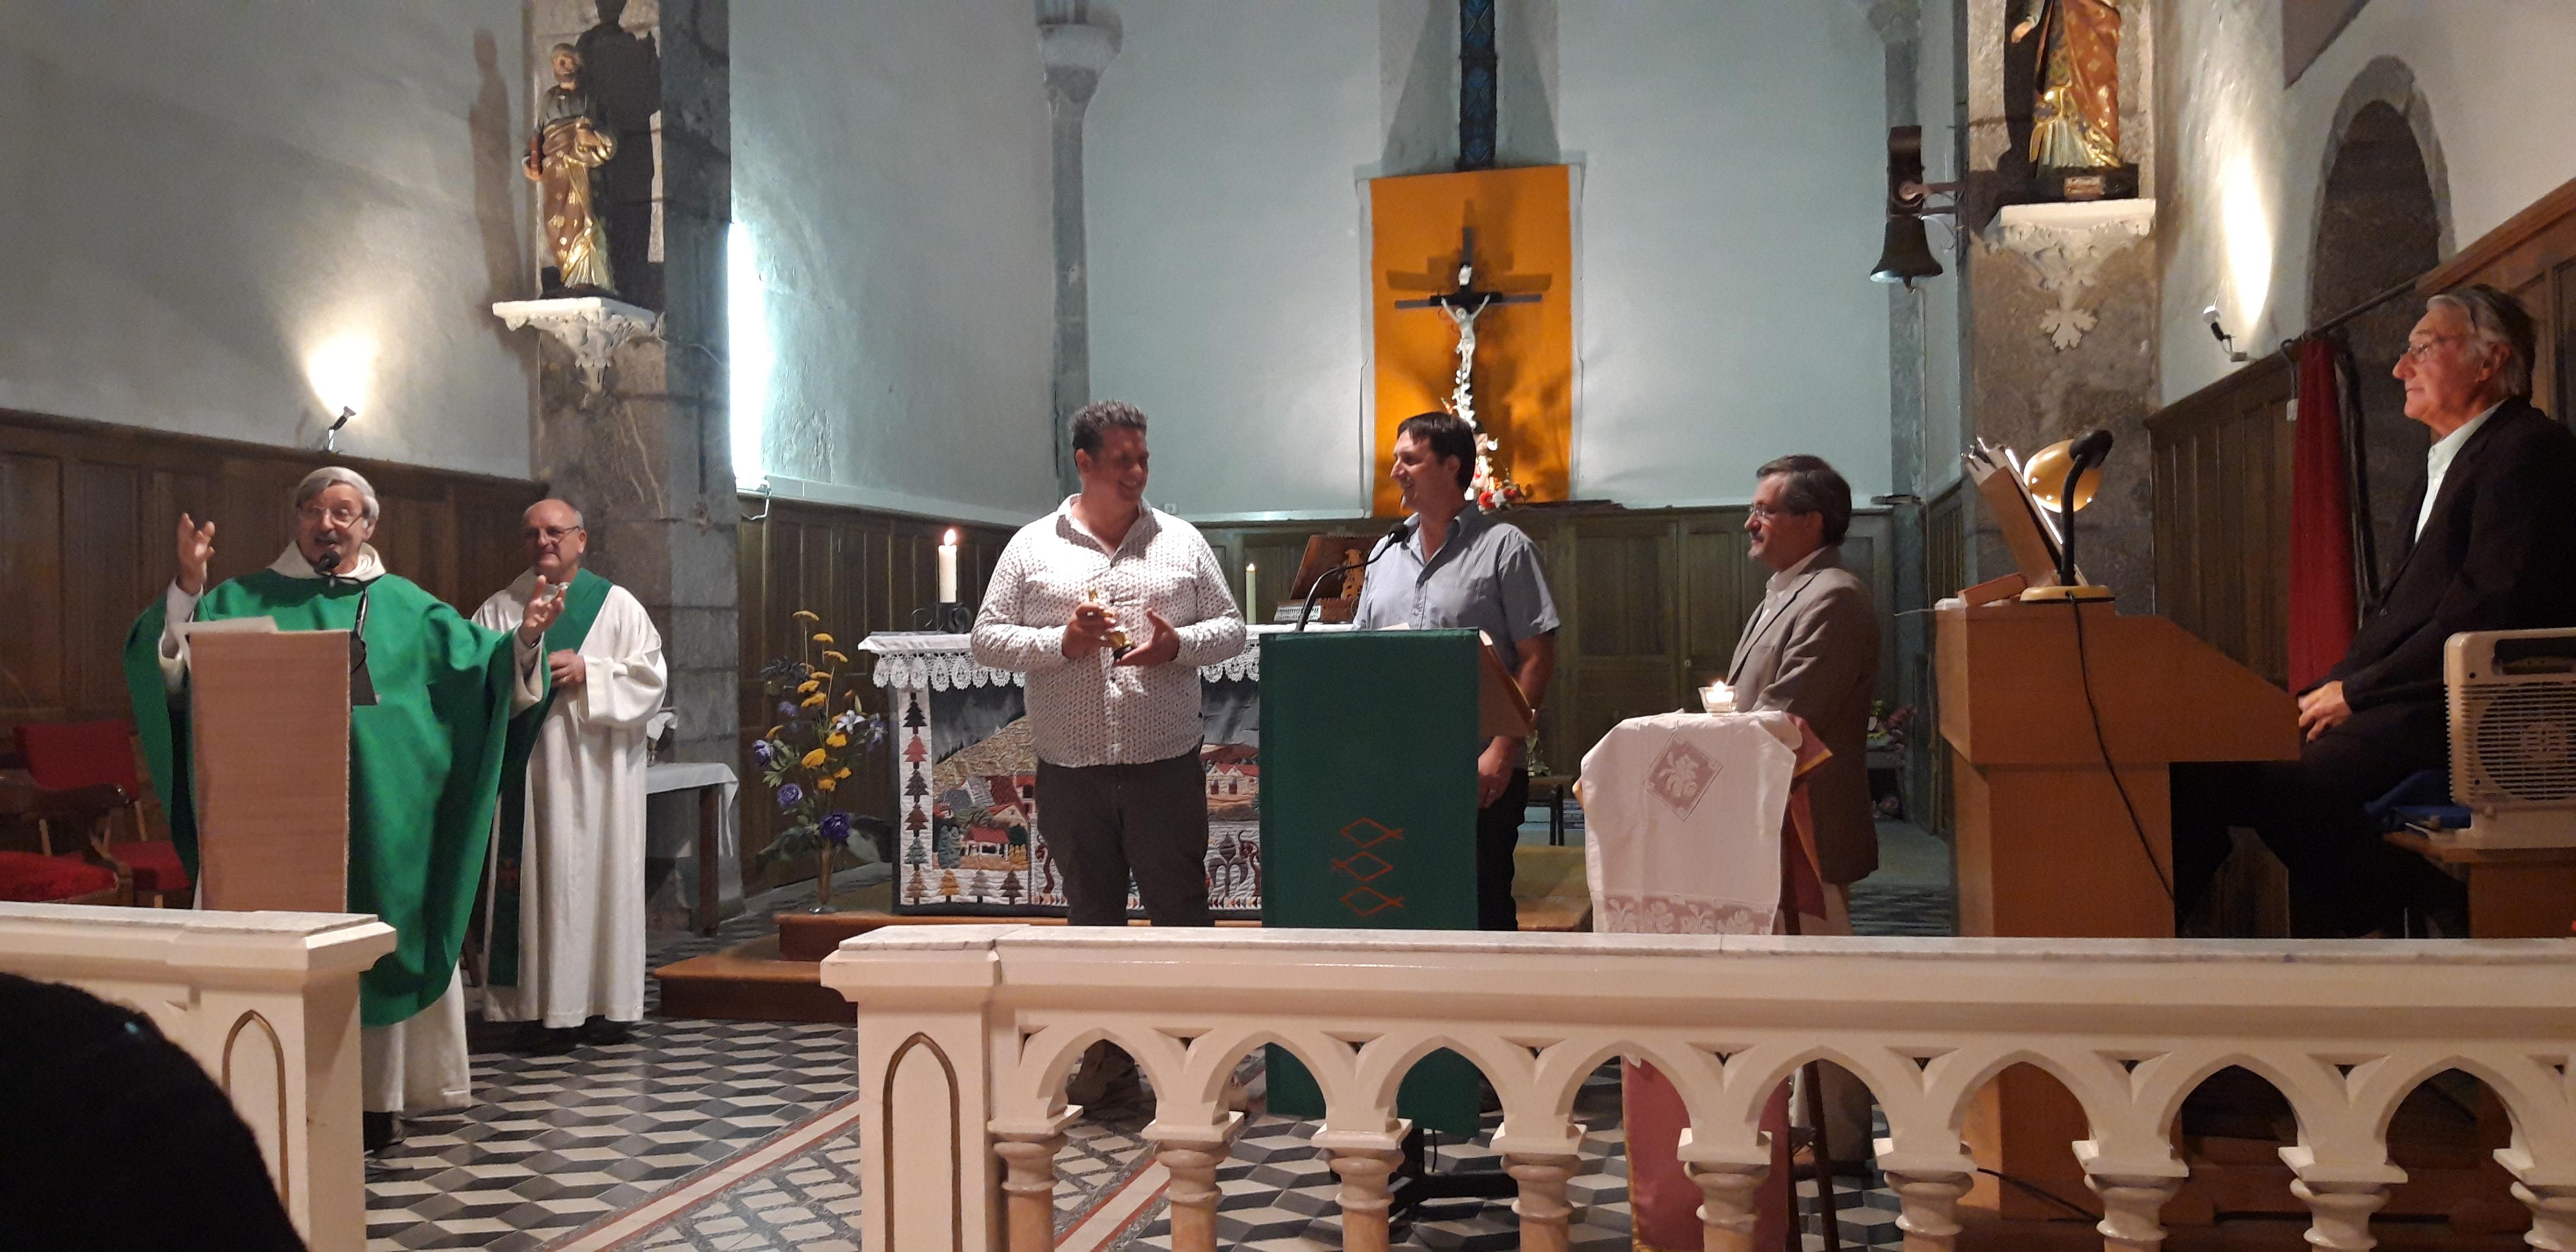 Une messe franco-italienne à la Roche-des-Arnauds